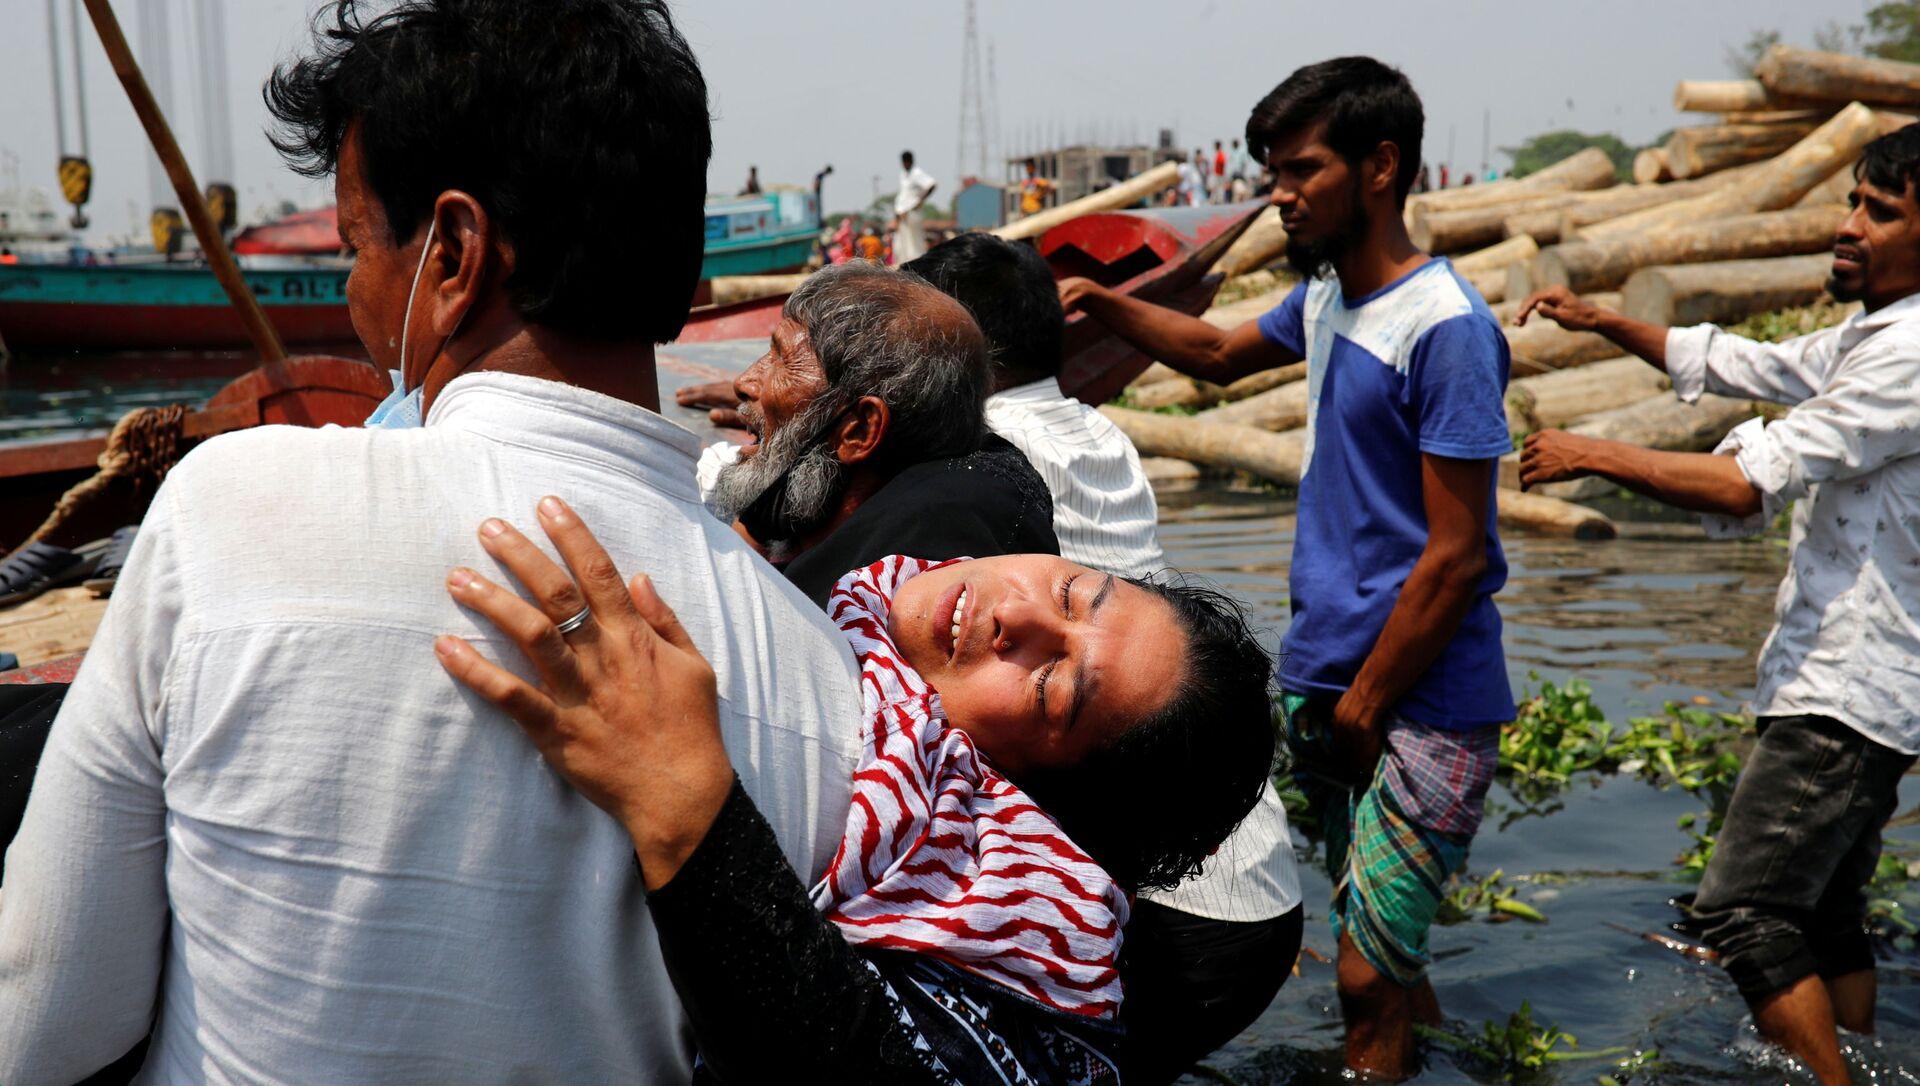 Люди скорбят о гибели родных в результате столкновения парома с грузовым судном на реке Шиталахсяа в Нараянгандже, Бангладеш - Sputnik Italia, 1920, 03.05.2021